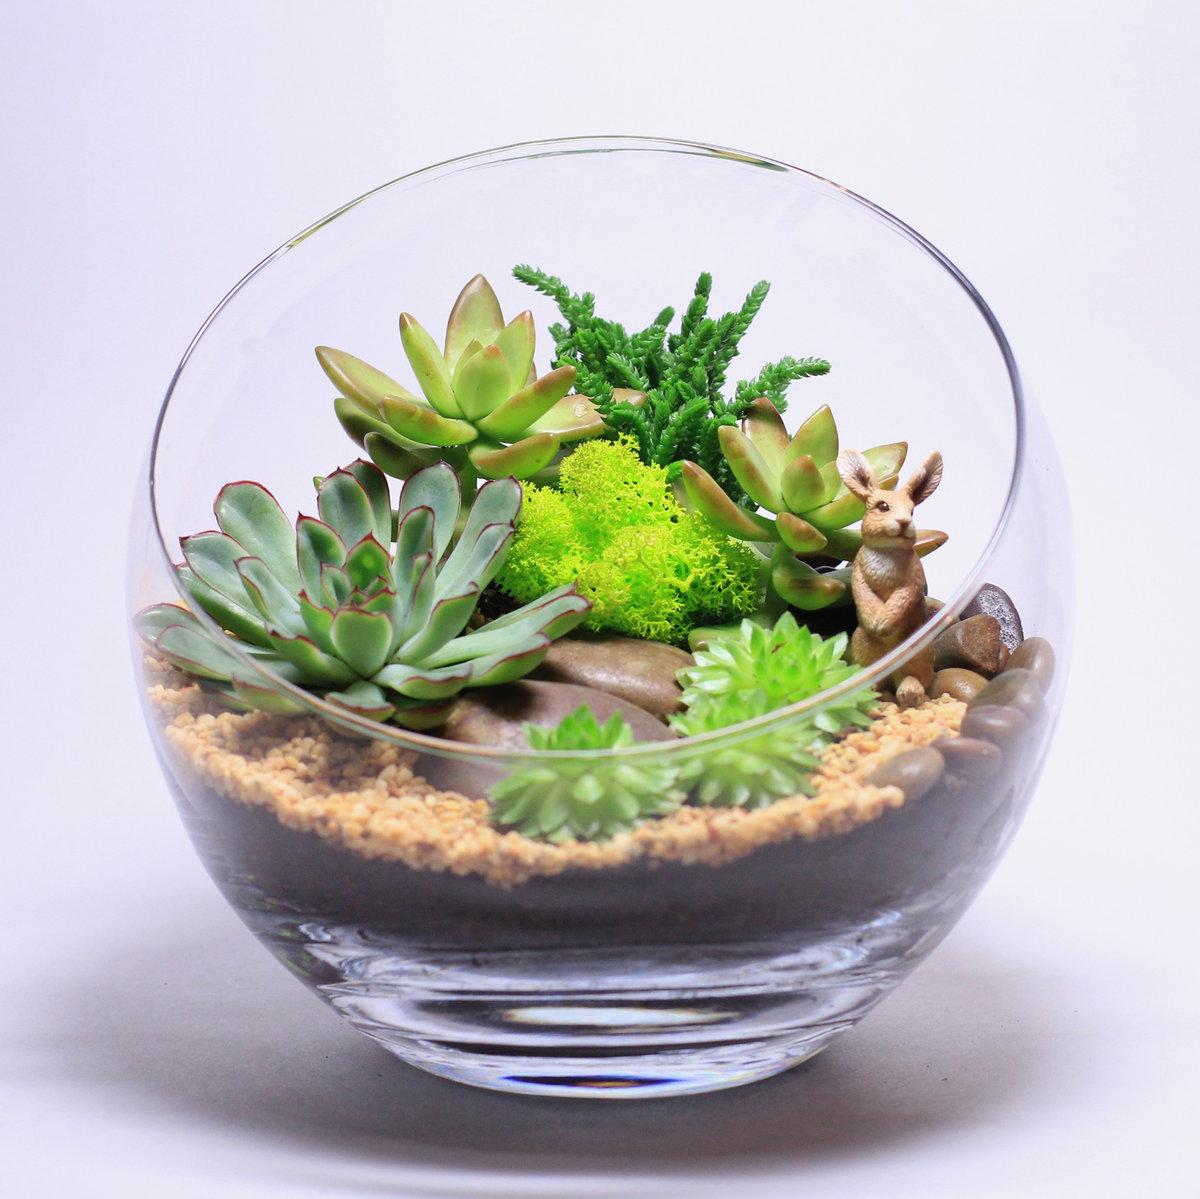 Как сделать флорариум своими руками - Handmade Idea 23